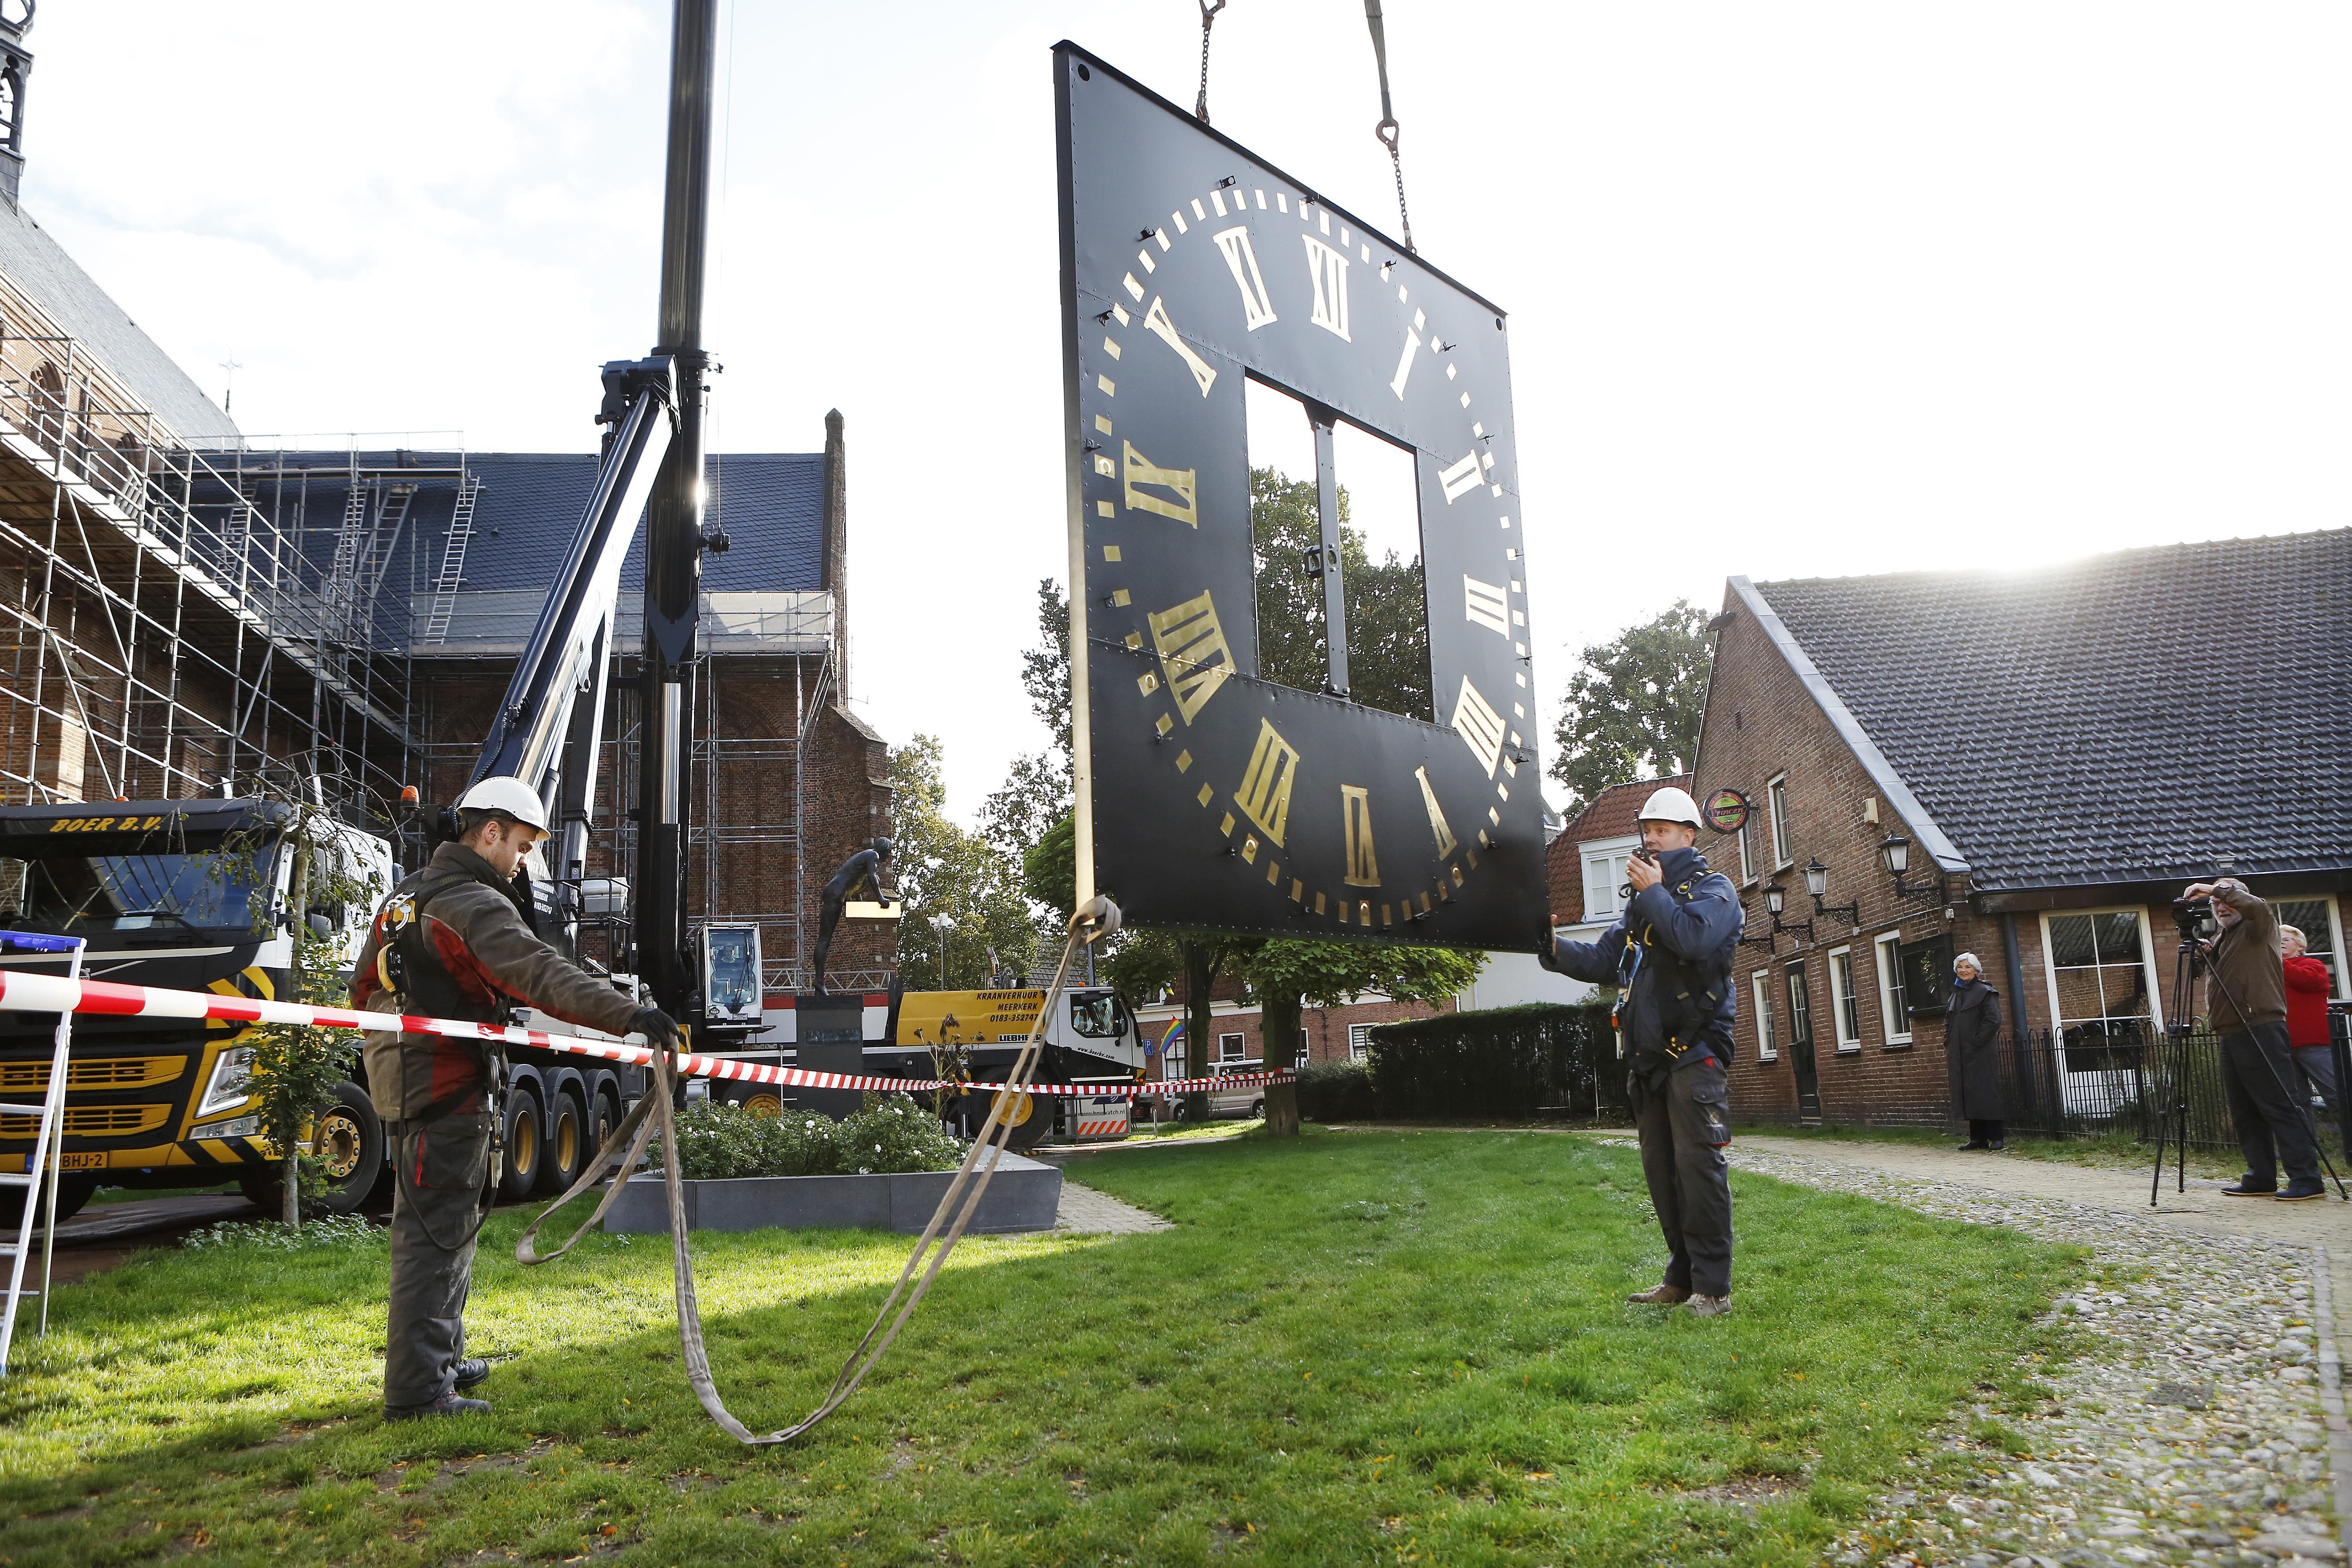 Wijzerplaten en wijzers van monumentaal uurwerk in Naarden-Vesting kunnen er zeker weer veertig jaar tegen: 'De klok van de Grote Kerk is mijn horloge'